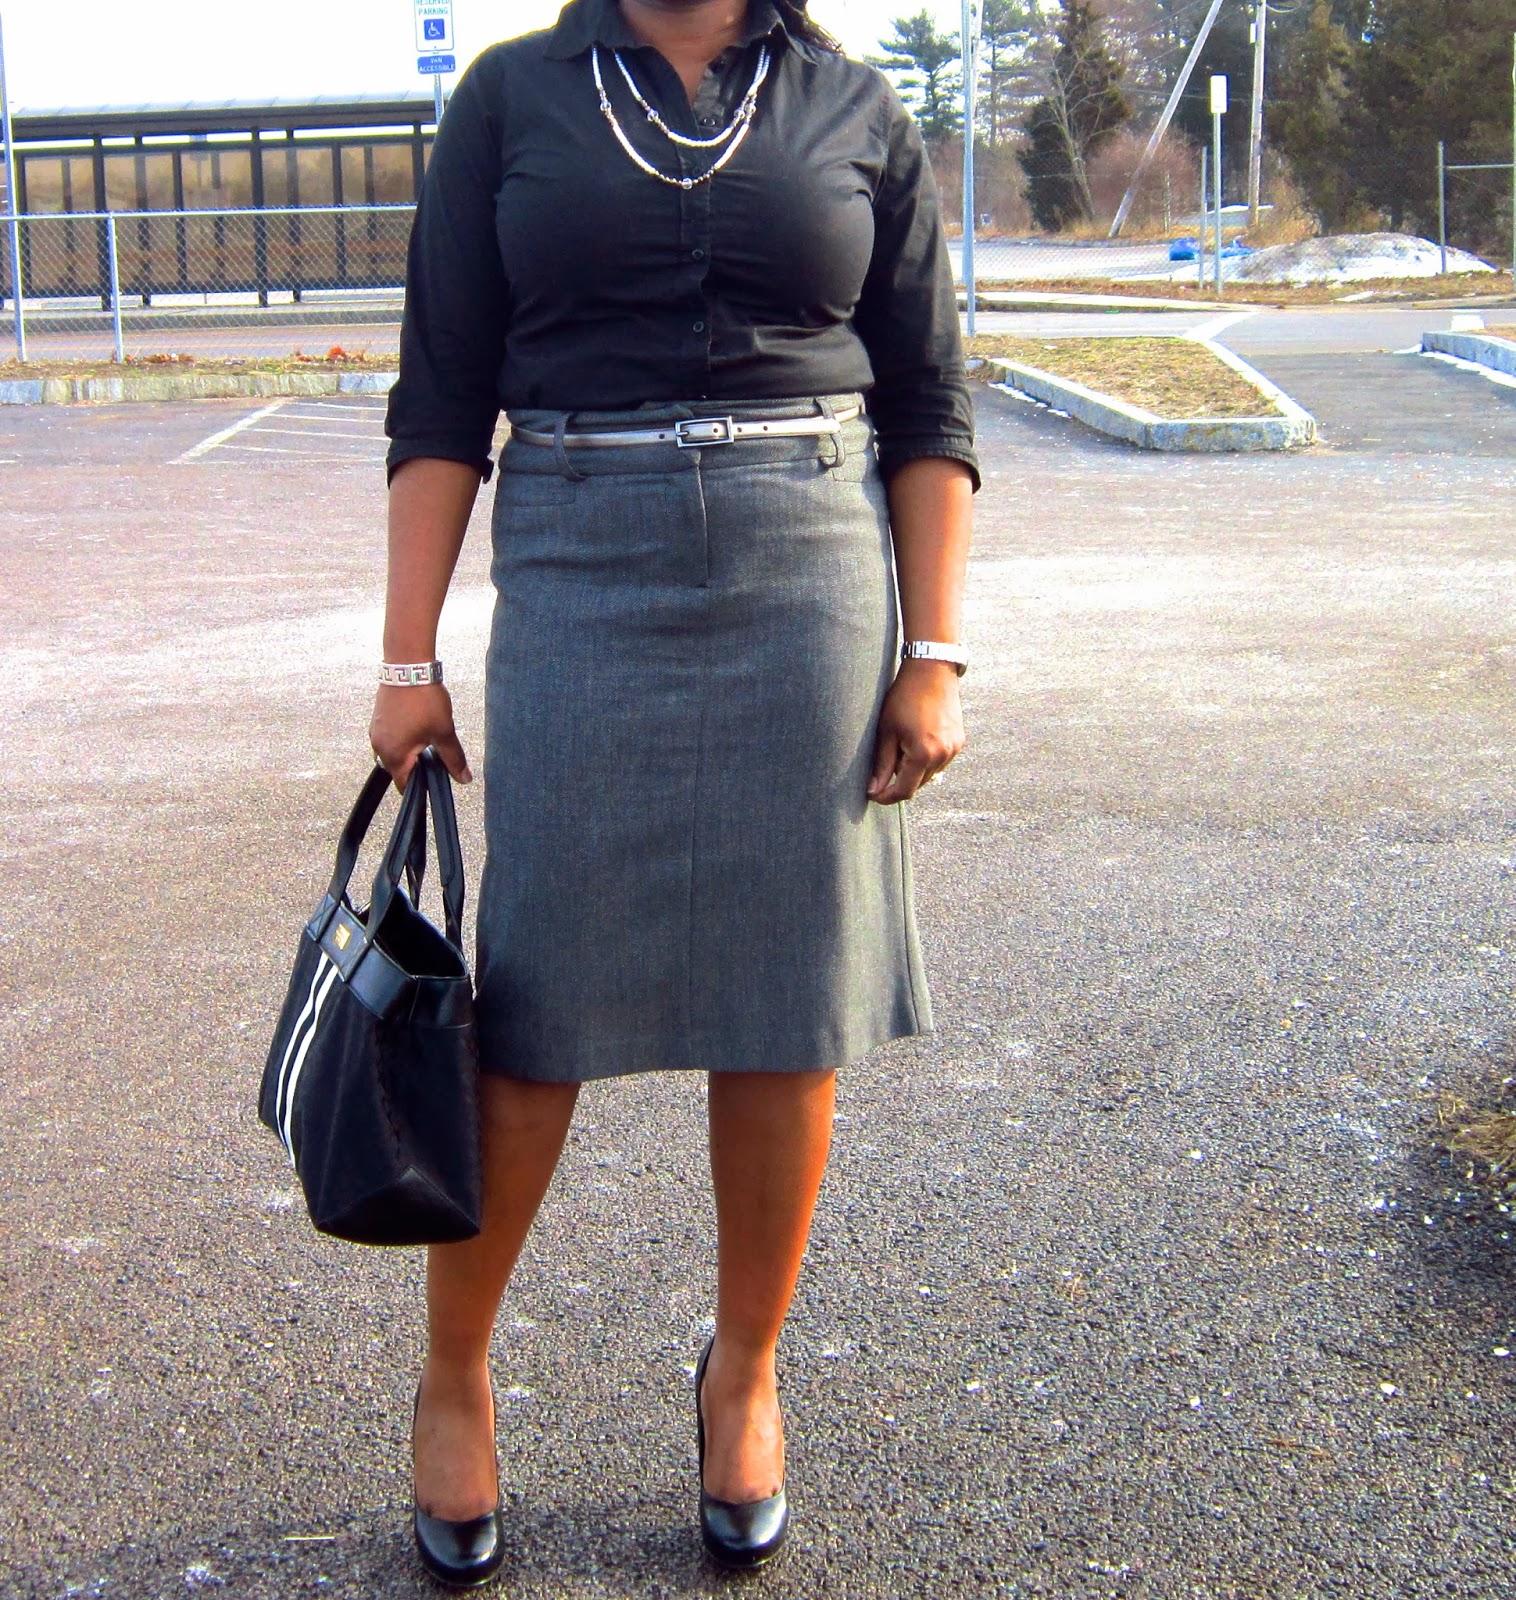 Woek wear outfit idea